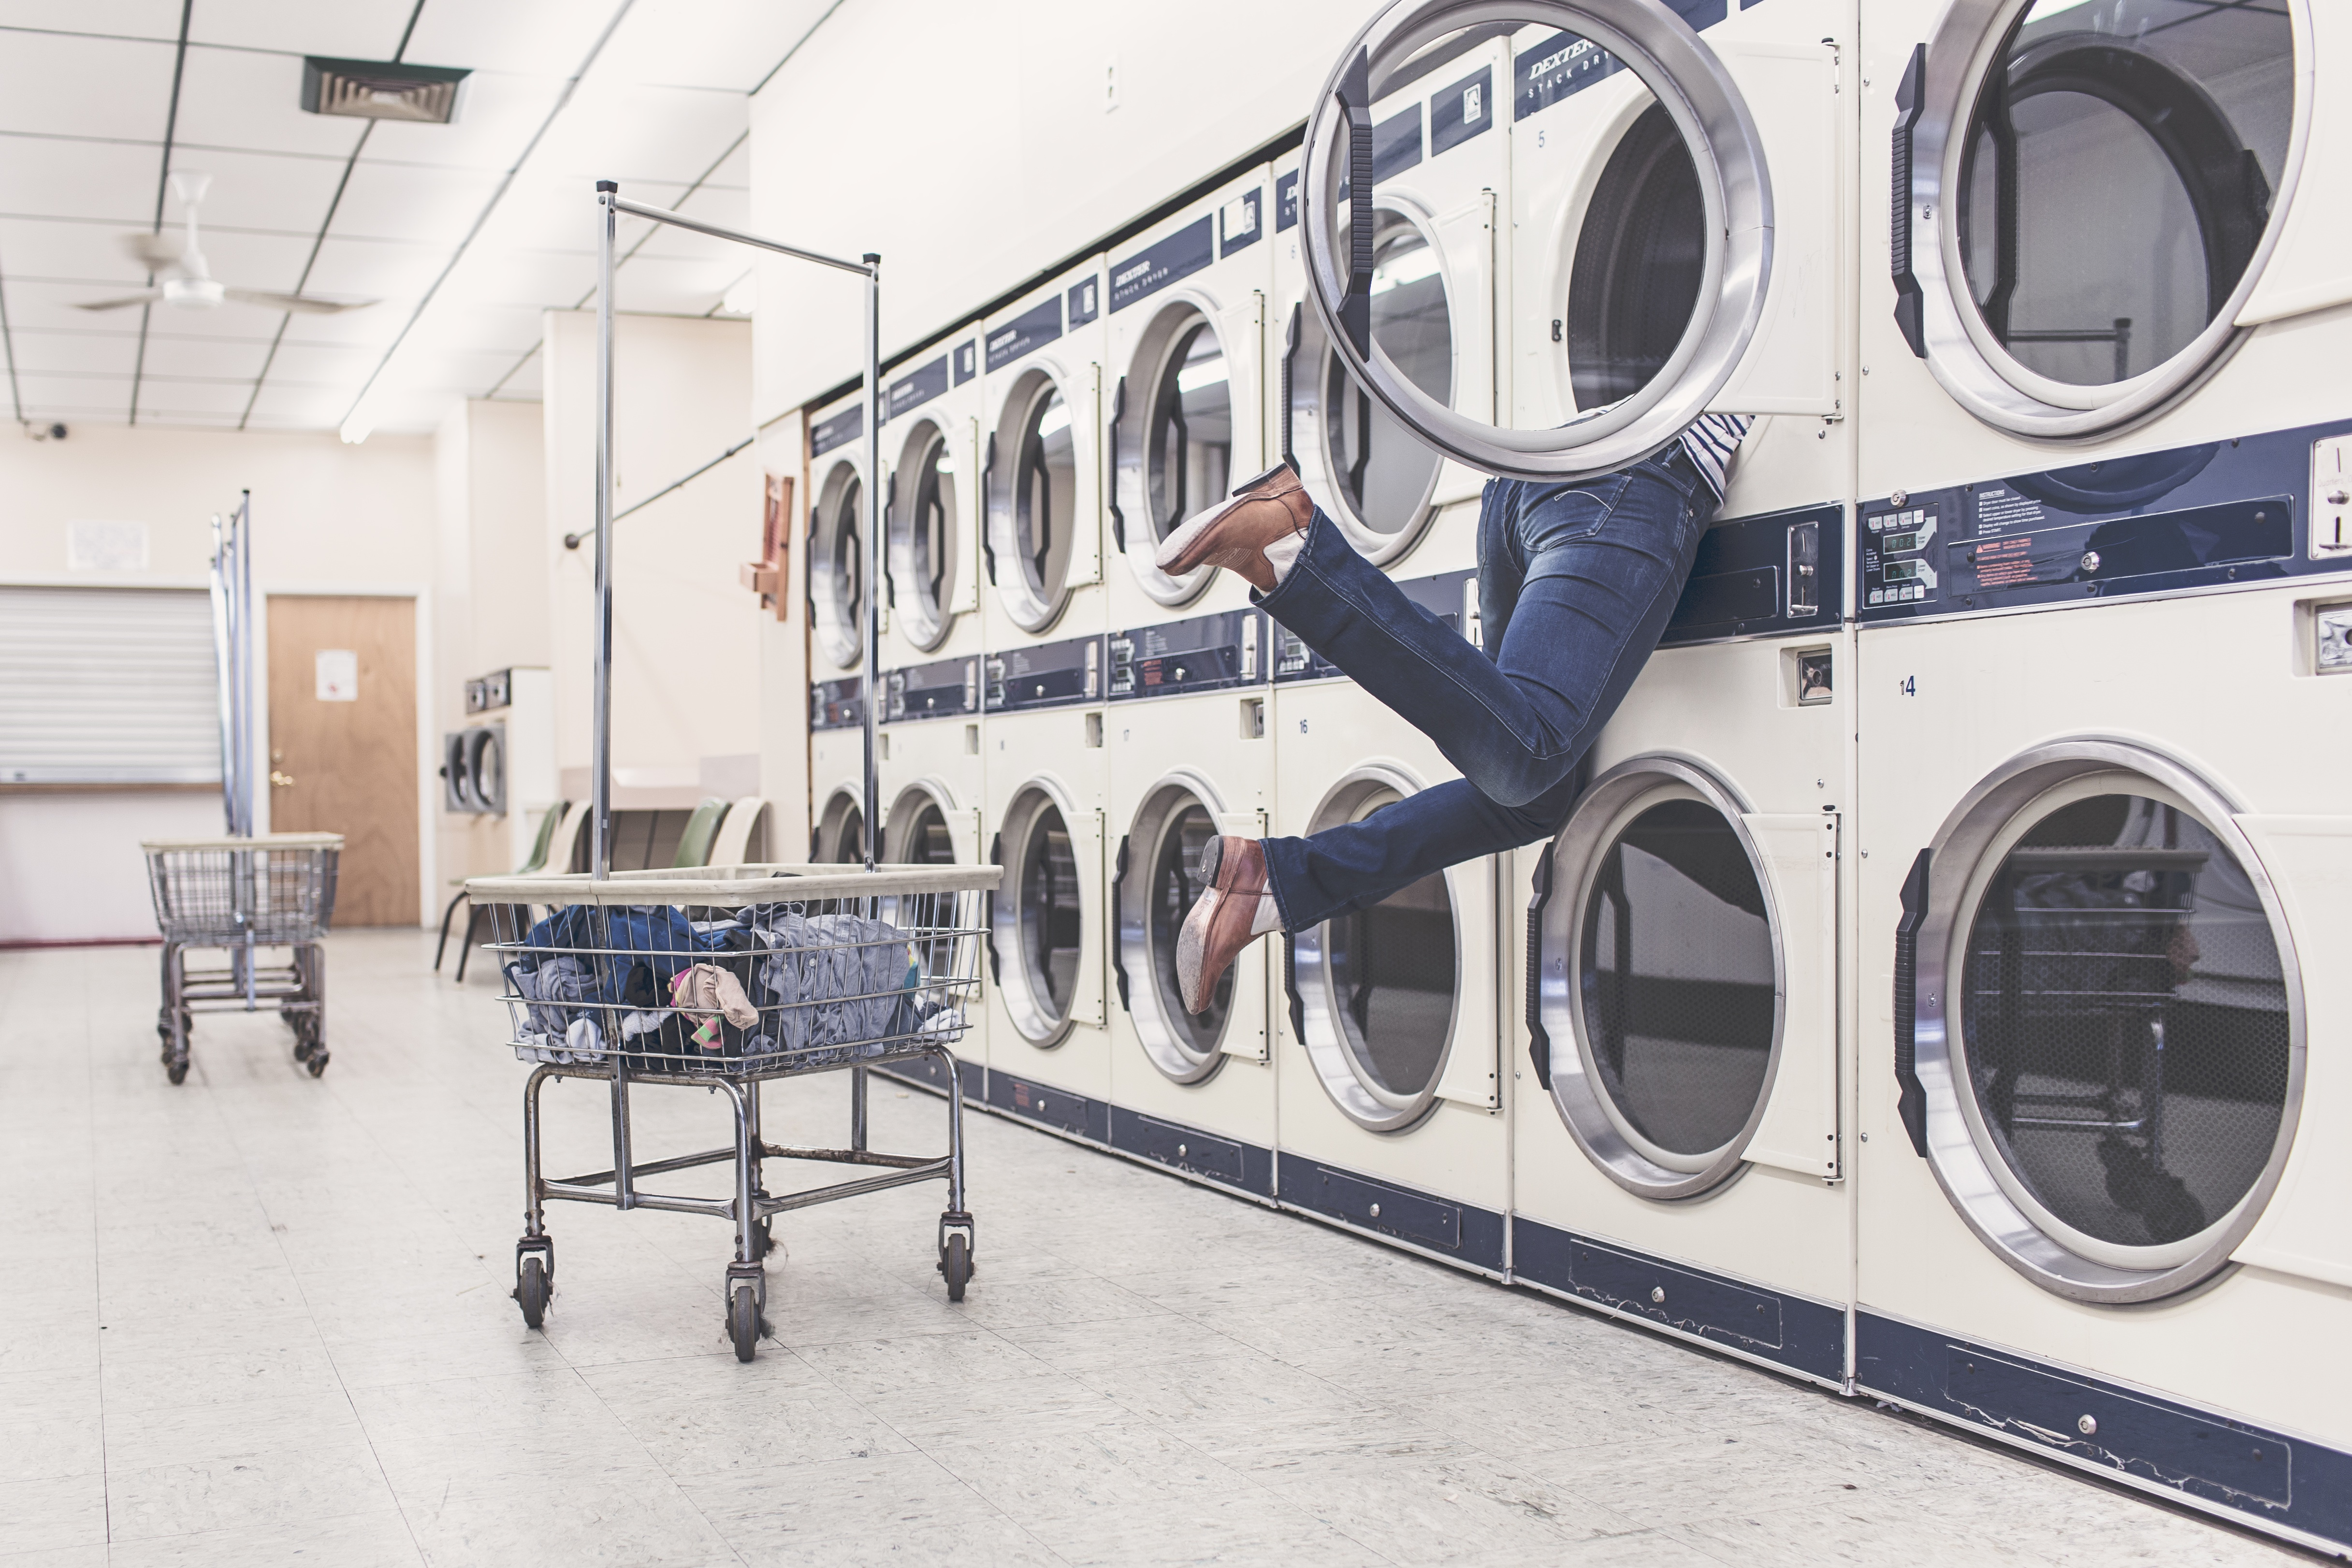 Processos e métodos de secagem de roupa